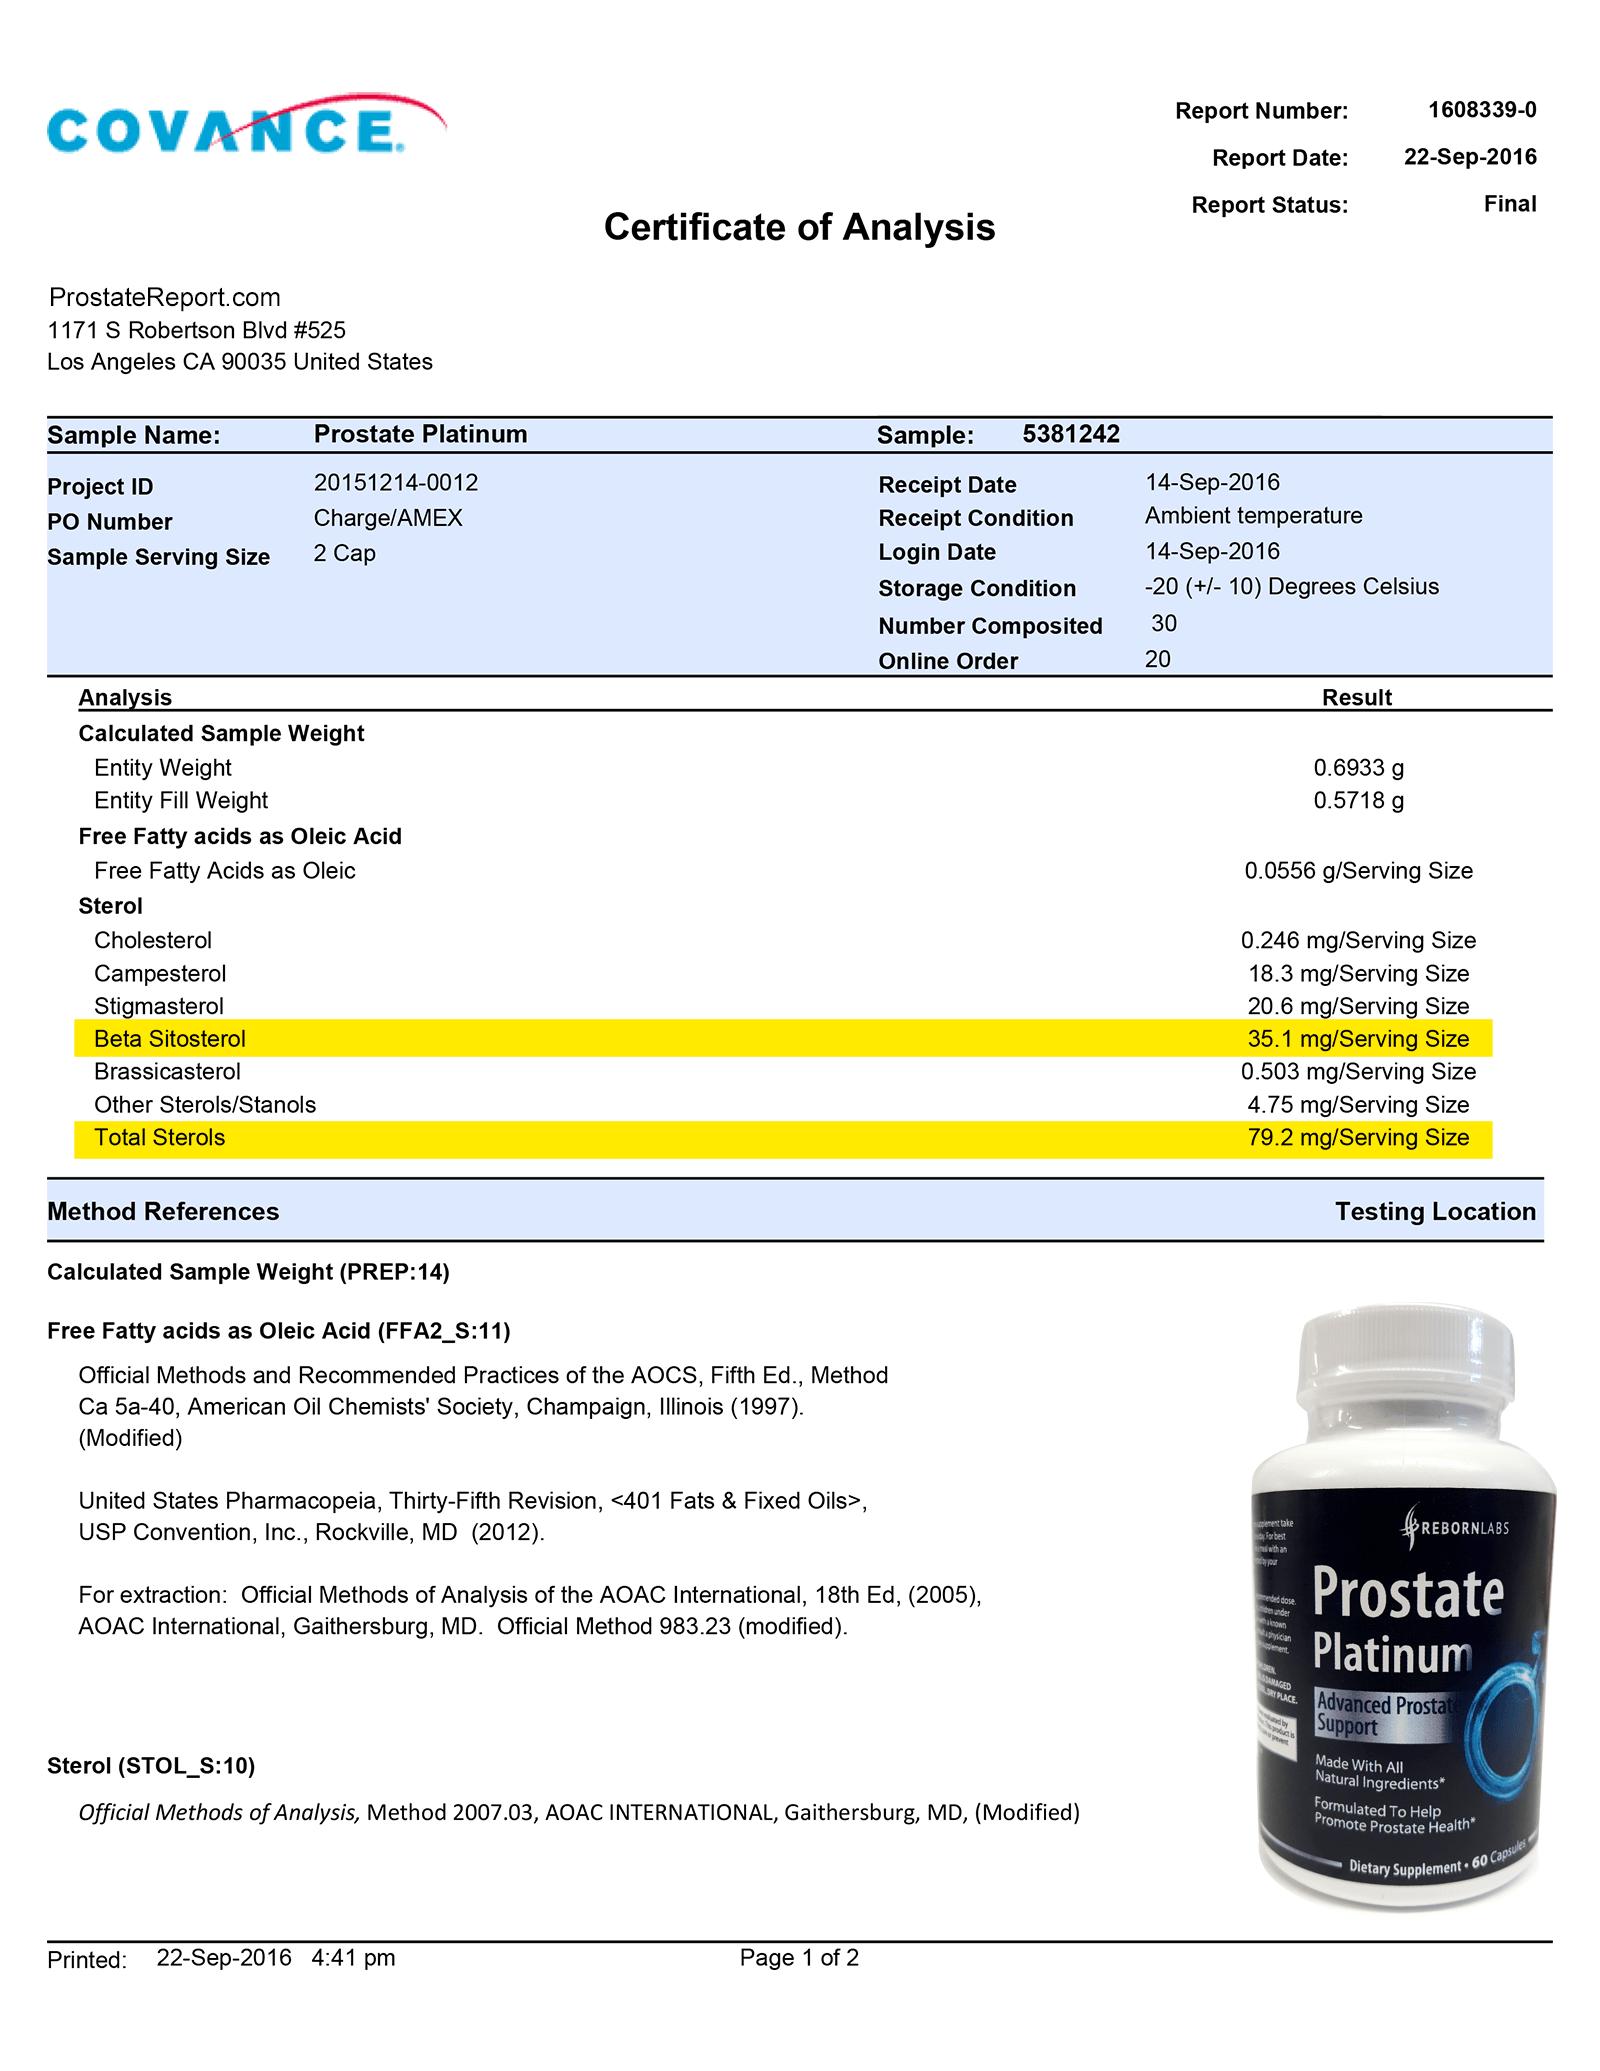 Prostate Platinum lab report